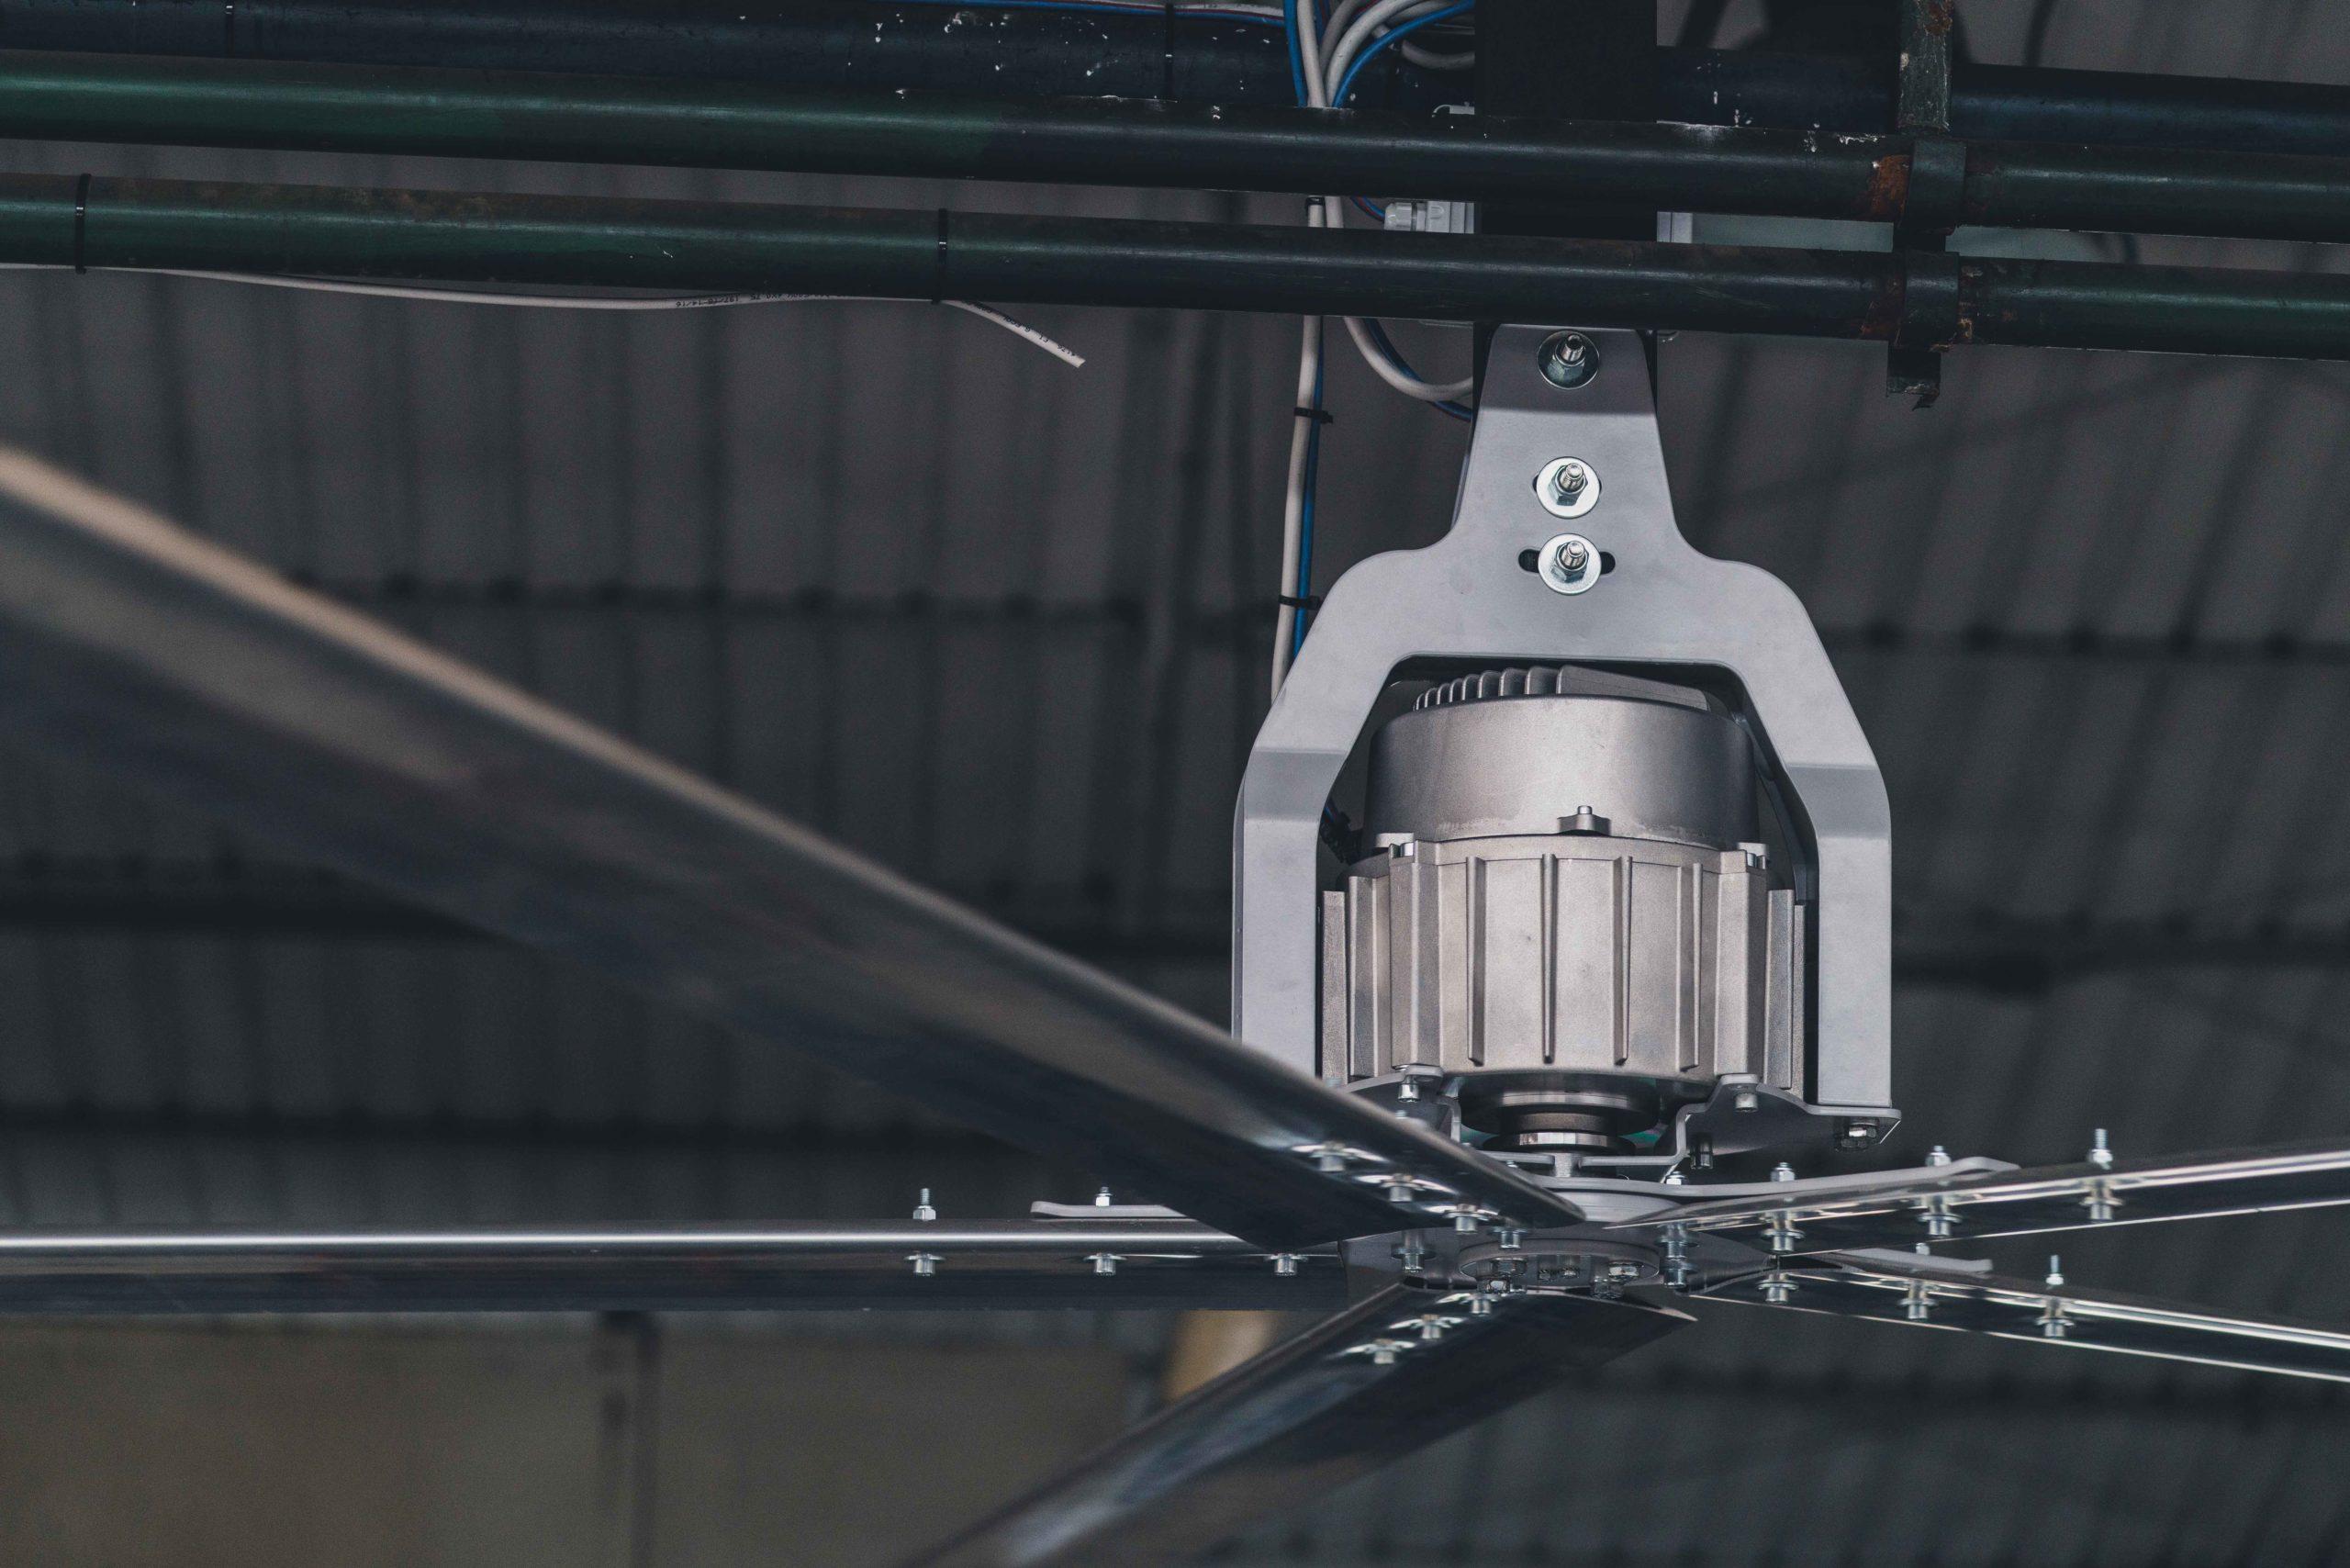 Optimvent® - Los mejores Ventiladores Industriales HVLS de techo - Ventiladores HVLS Optimvent - HVLS scaled - Optimvent® - Los mejores Ventiladores Industriales HVLS de techo